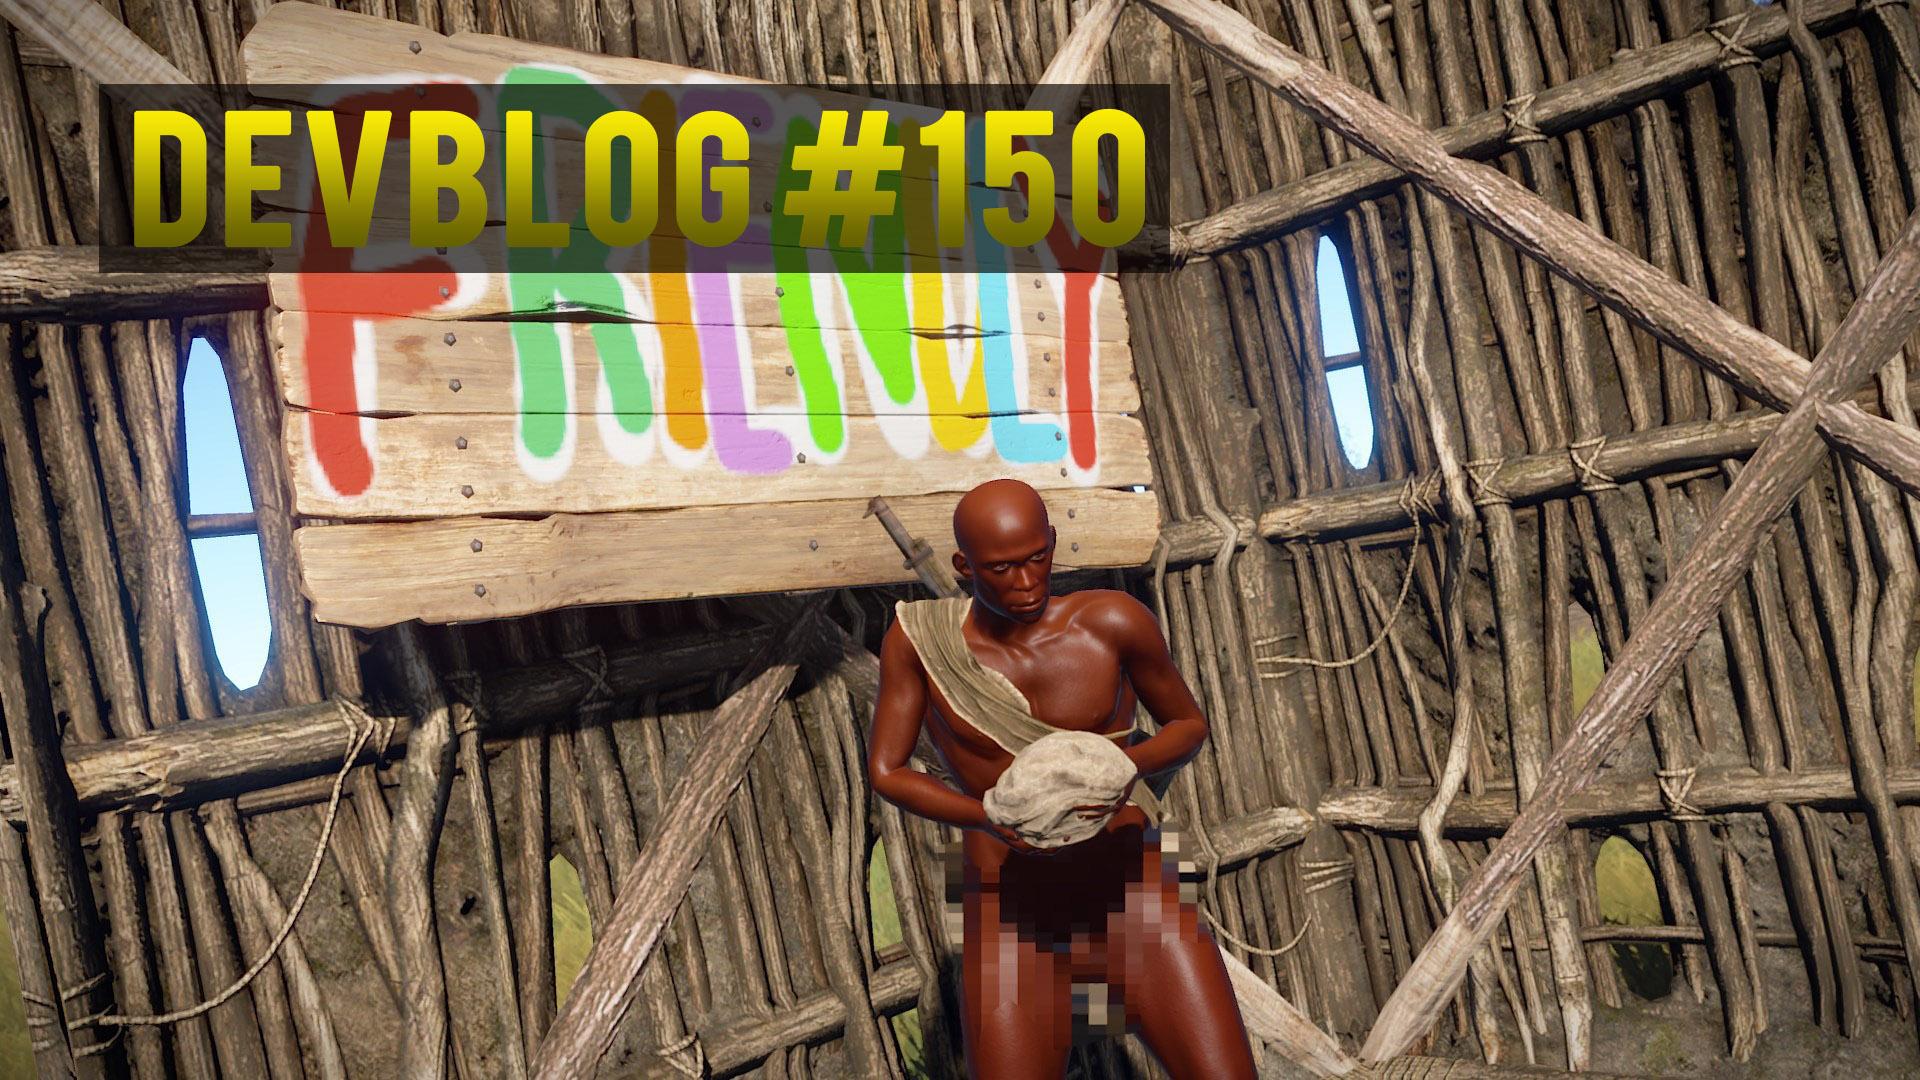 Devblog 150